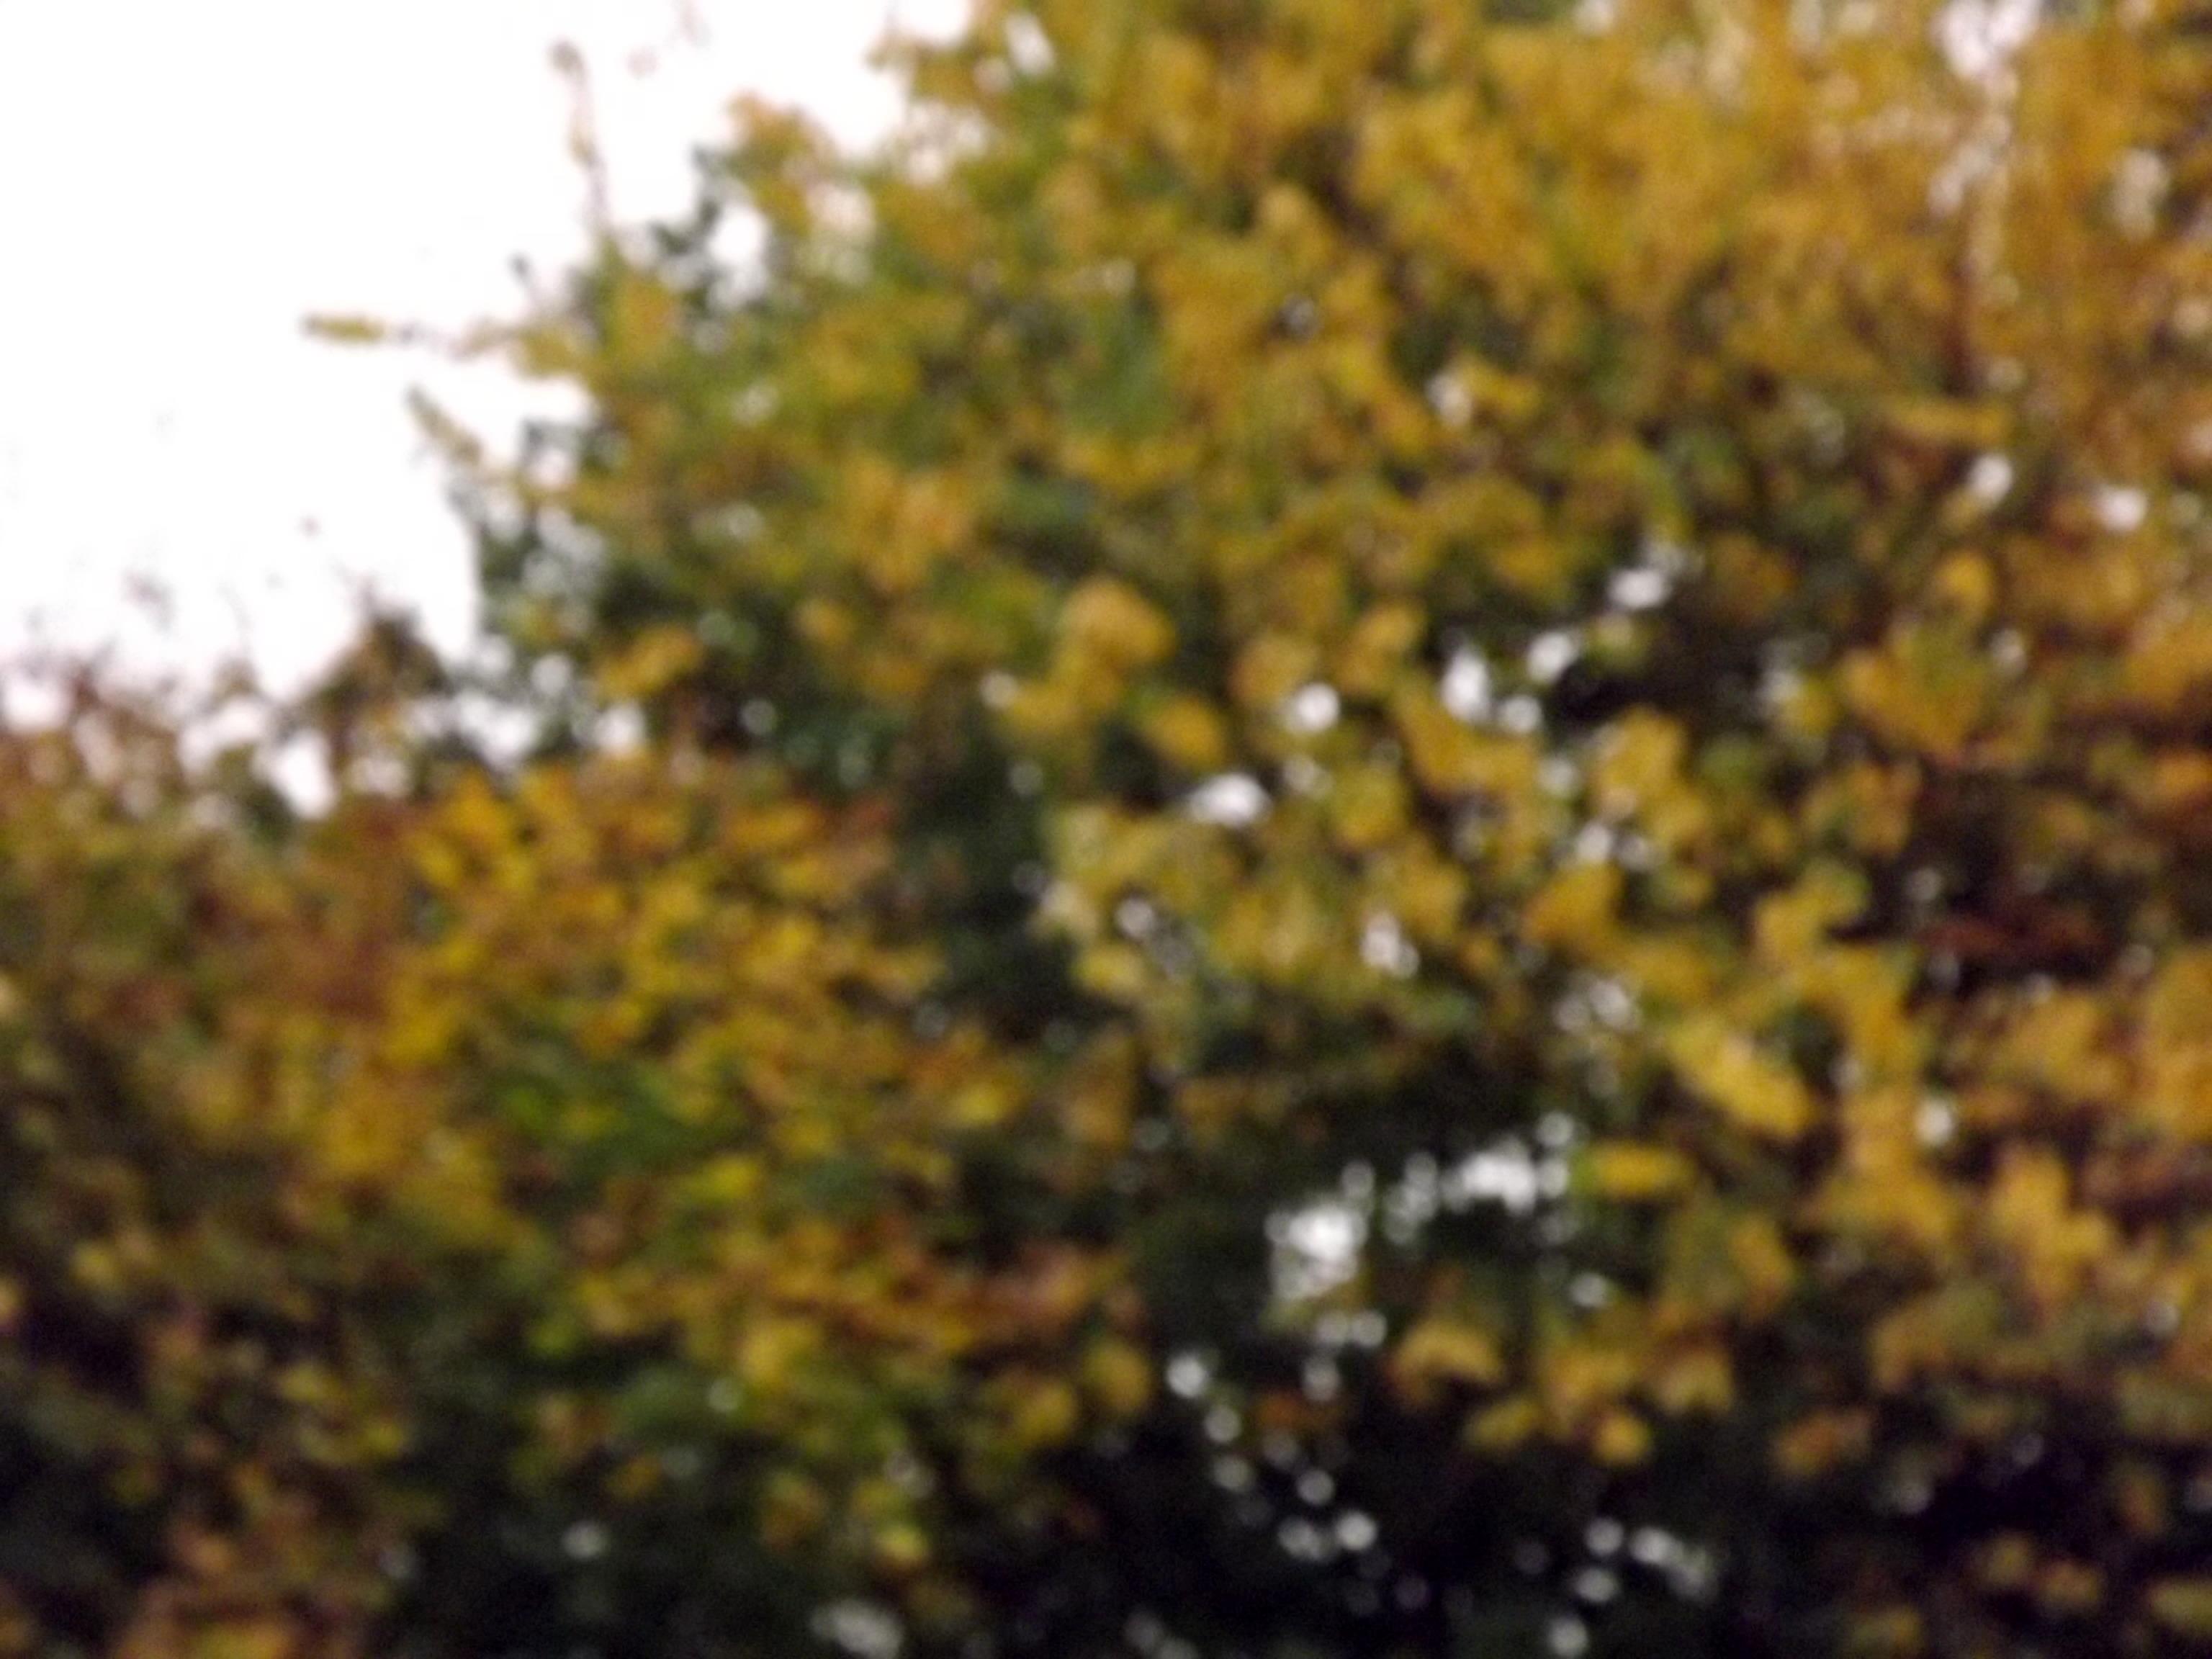 6574-ahorn-herbst-unscharf